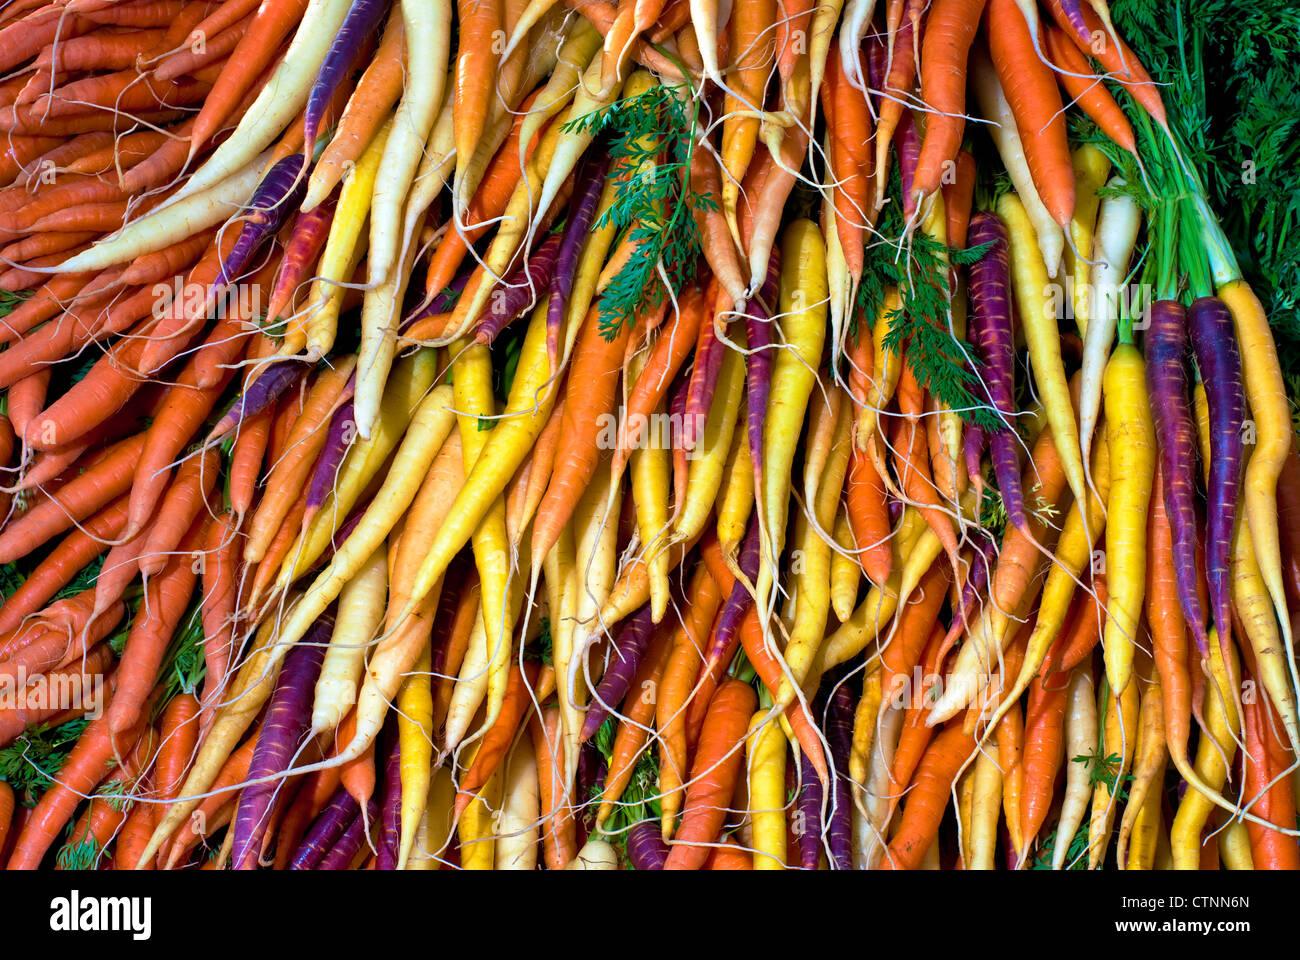 Naranja Violeta Blanco Y Amarillo Zanahorias Todo Listo Para Comer Fotografia De Stock Alamy Ho ho ho🎅🐰 la naviada ya llego a zanahoria refugios, y trajo con ella muchas ofertas para tu conejito. https www alamy es foto naranja violeta blanco y amarillo zanahorias todo listo para comer 49650125 html